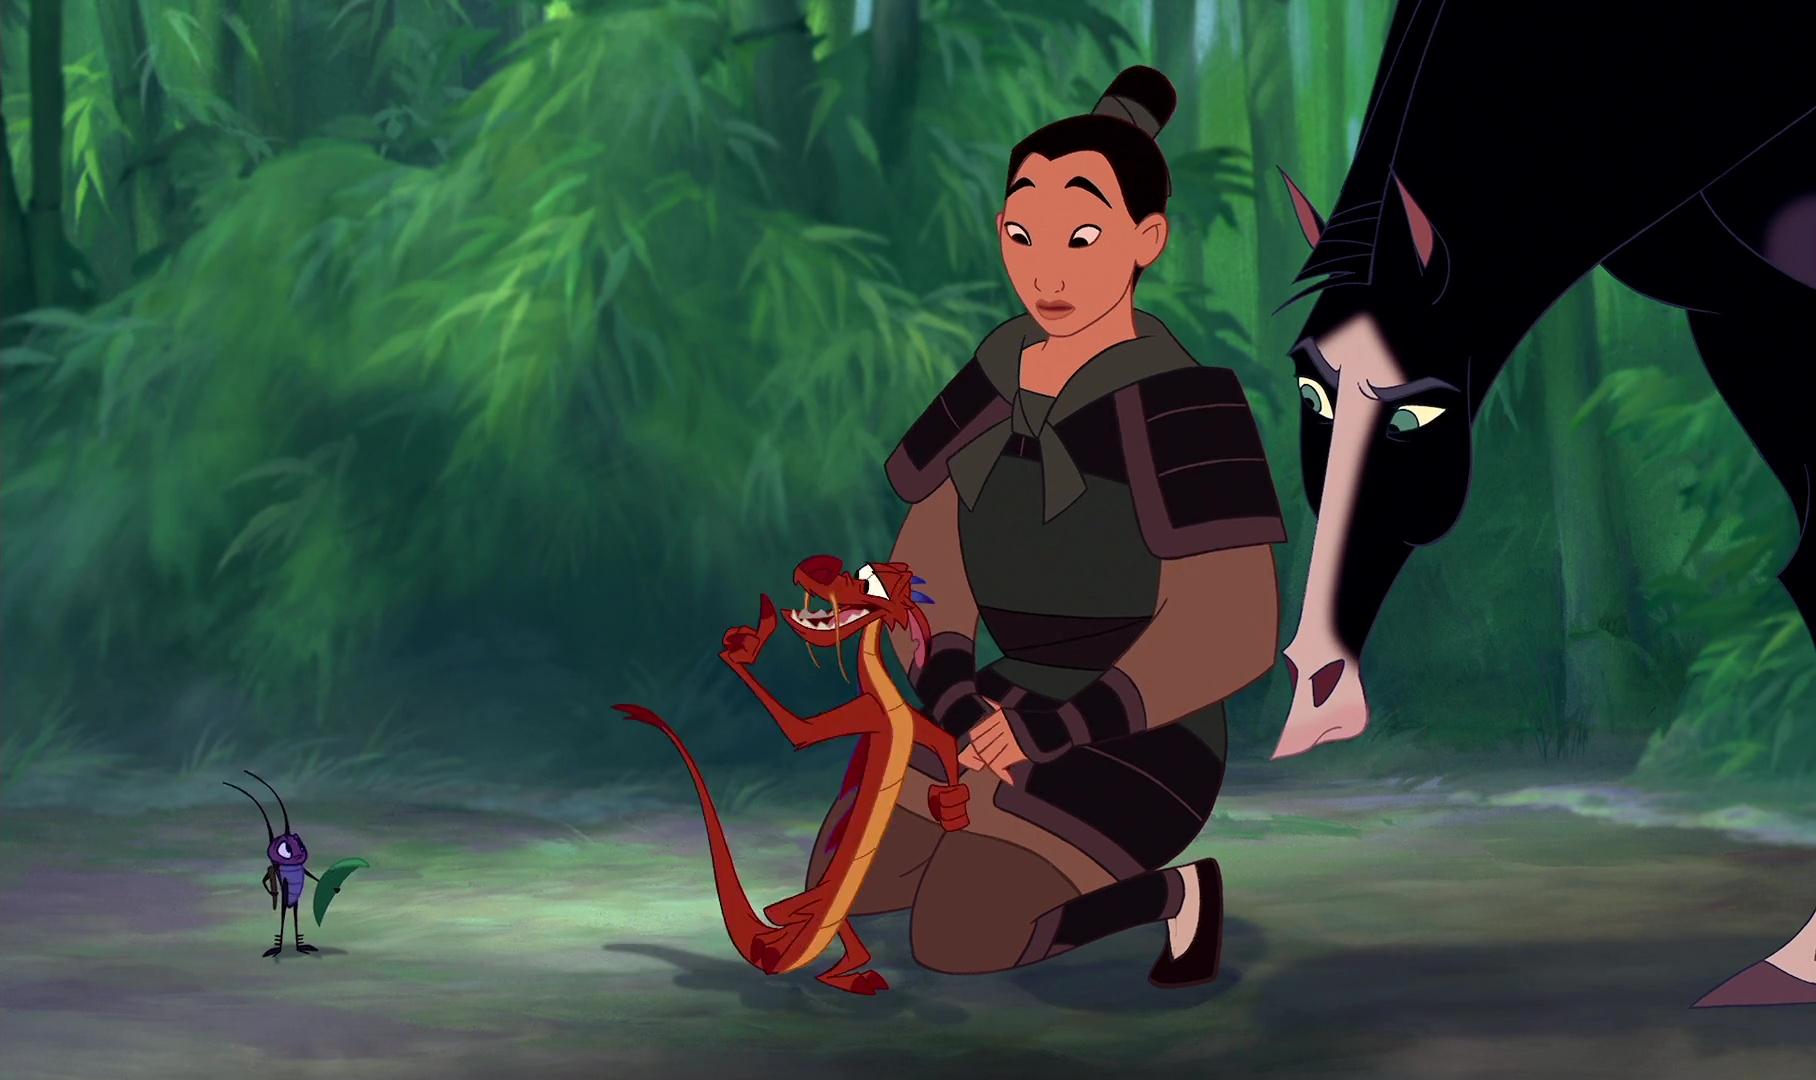 File:Mulan Screenshot.jpg